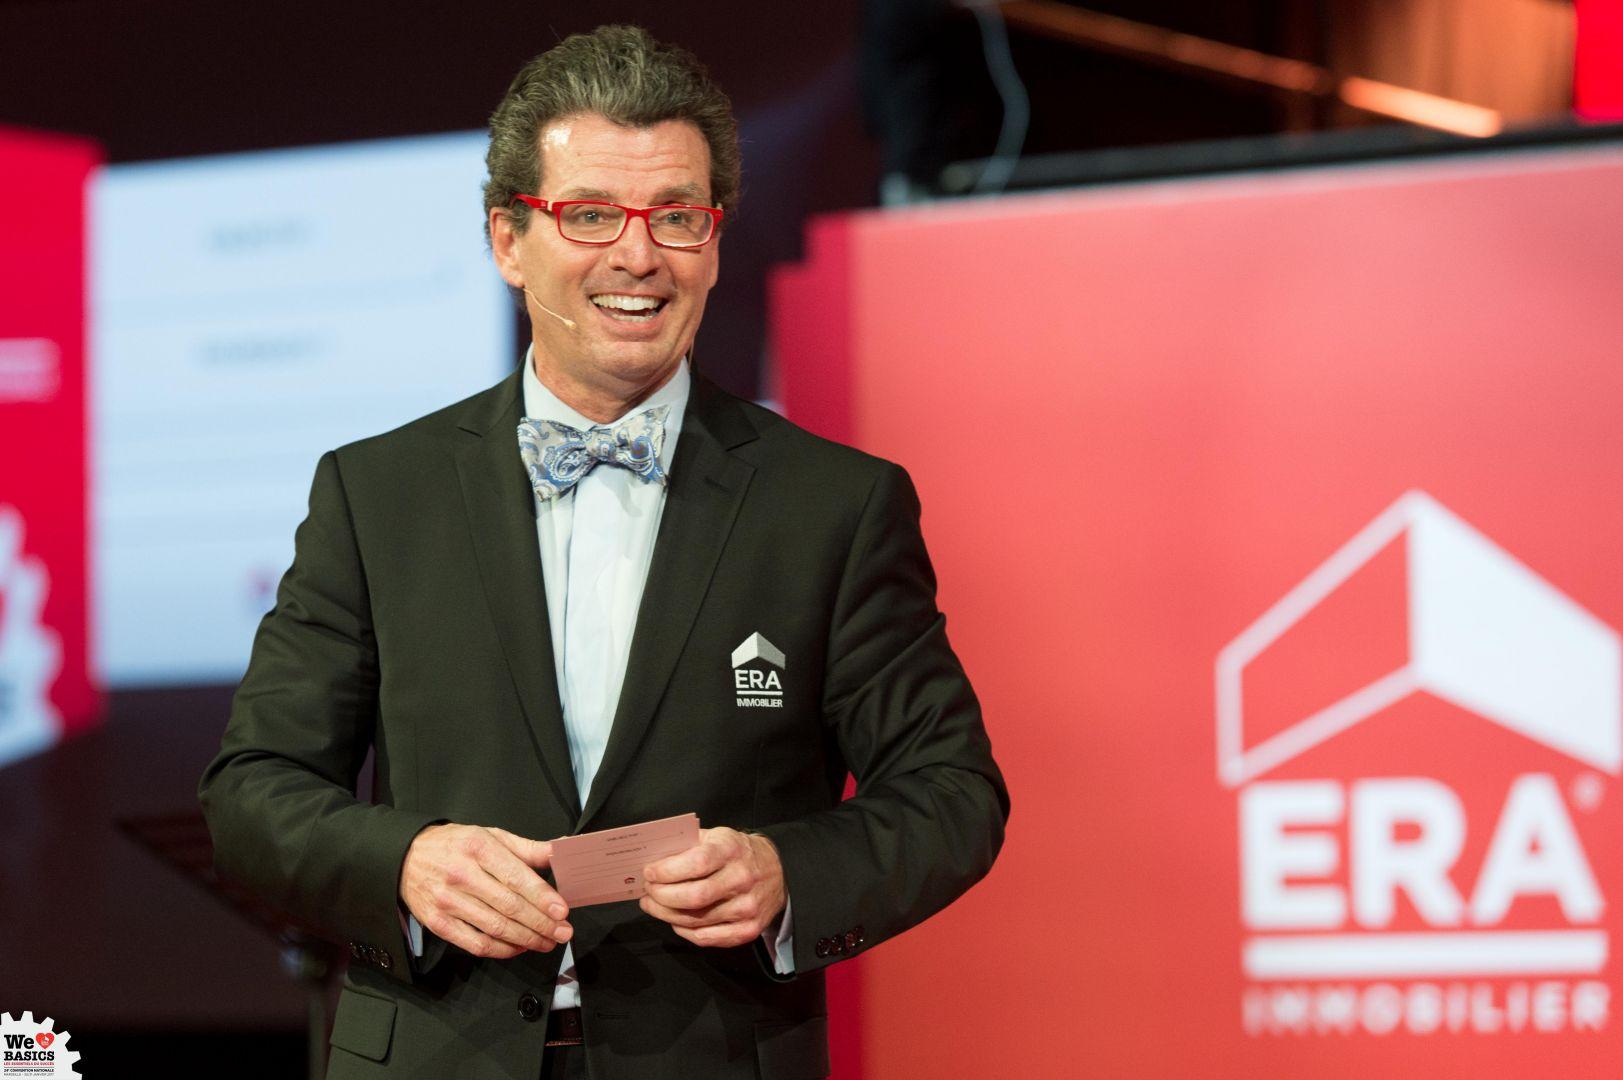 24e Convention ERA : à Marseille, le groupe met l'accent sur les «basics», François Gagnon assure le spectacle